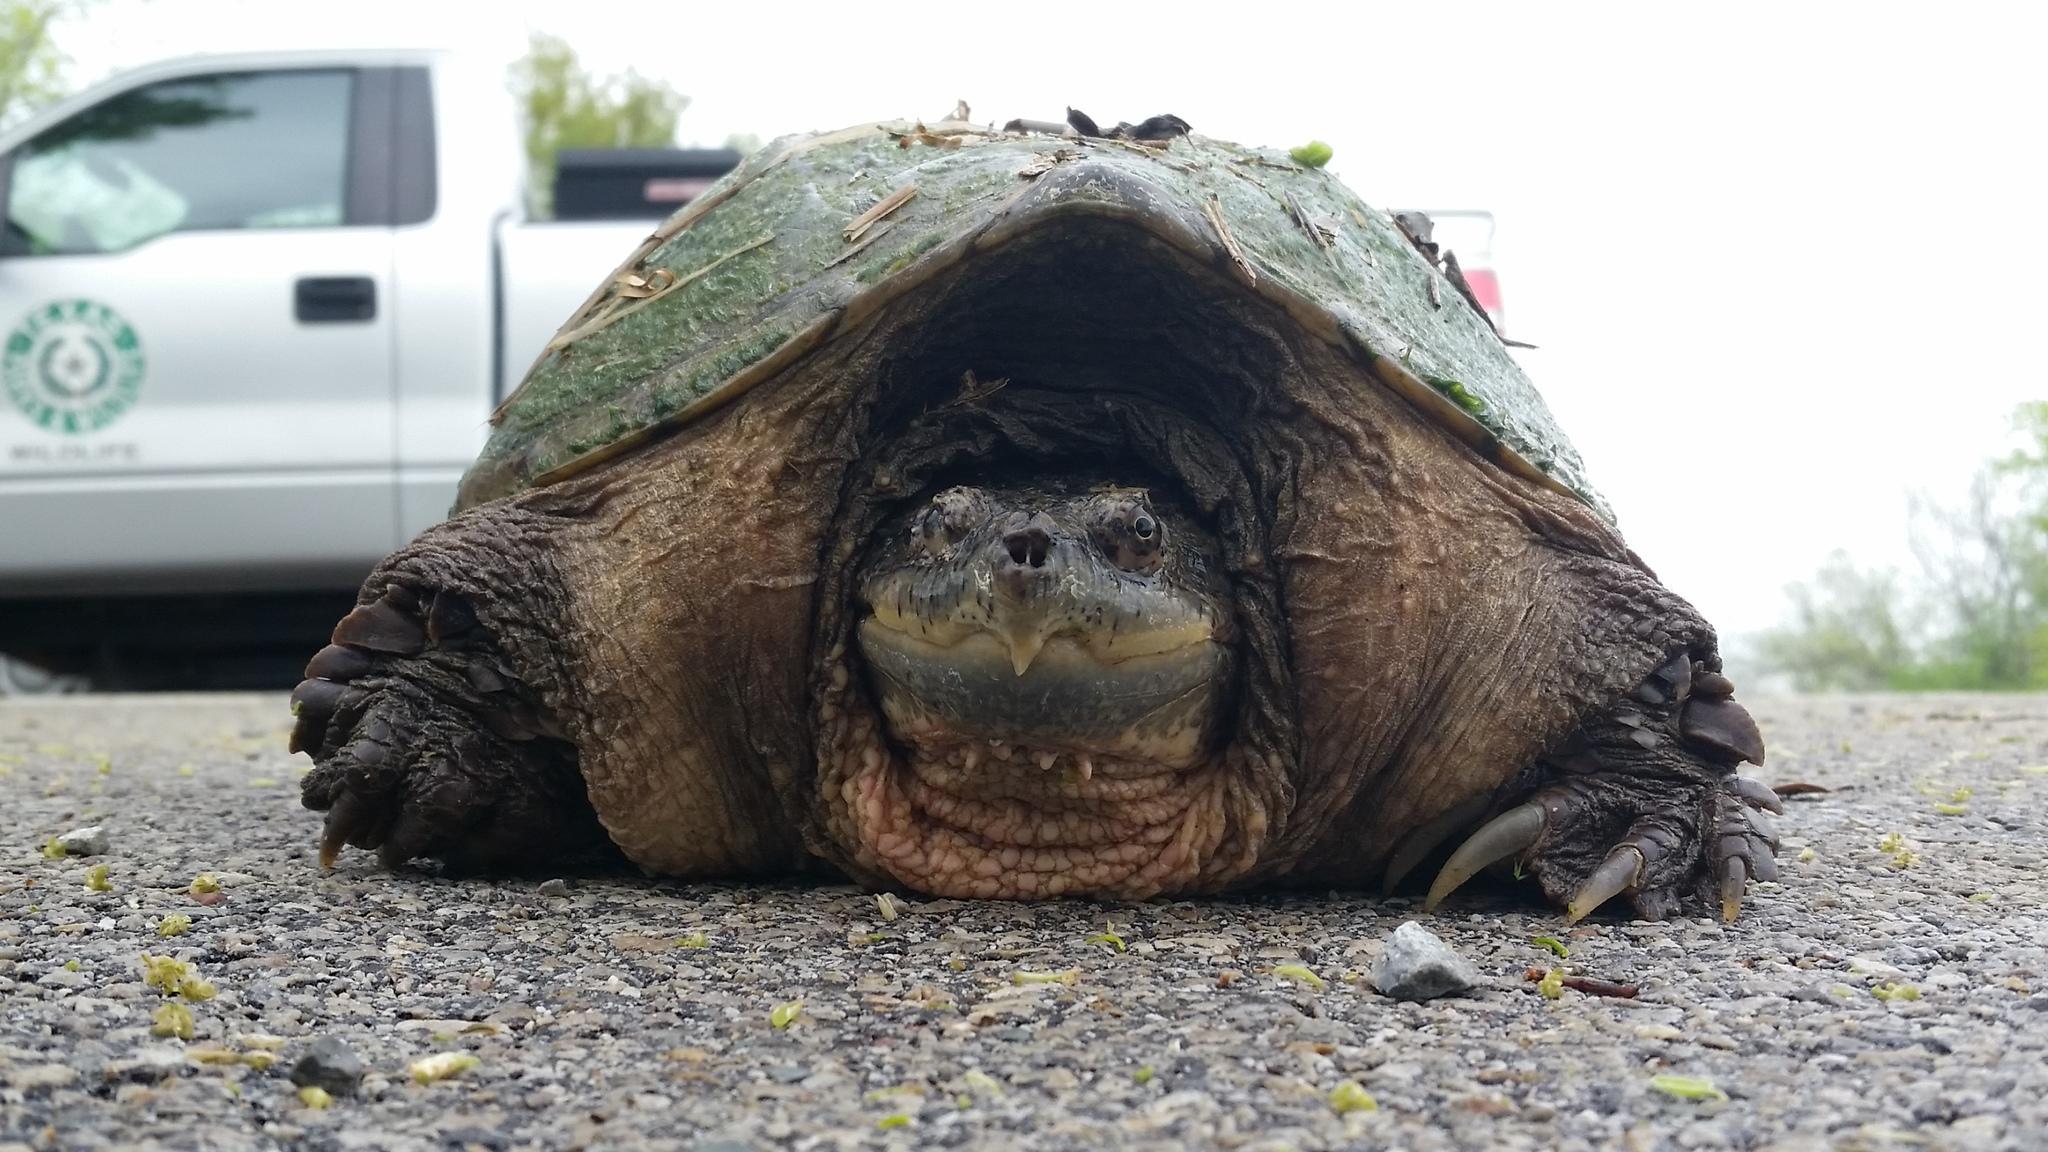 Сердца черепах могут адаптироваться, чтобы выжить без кислорода